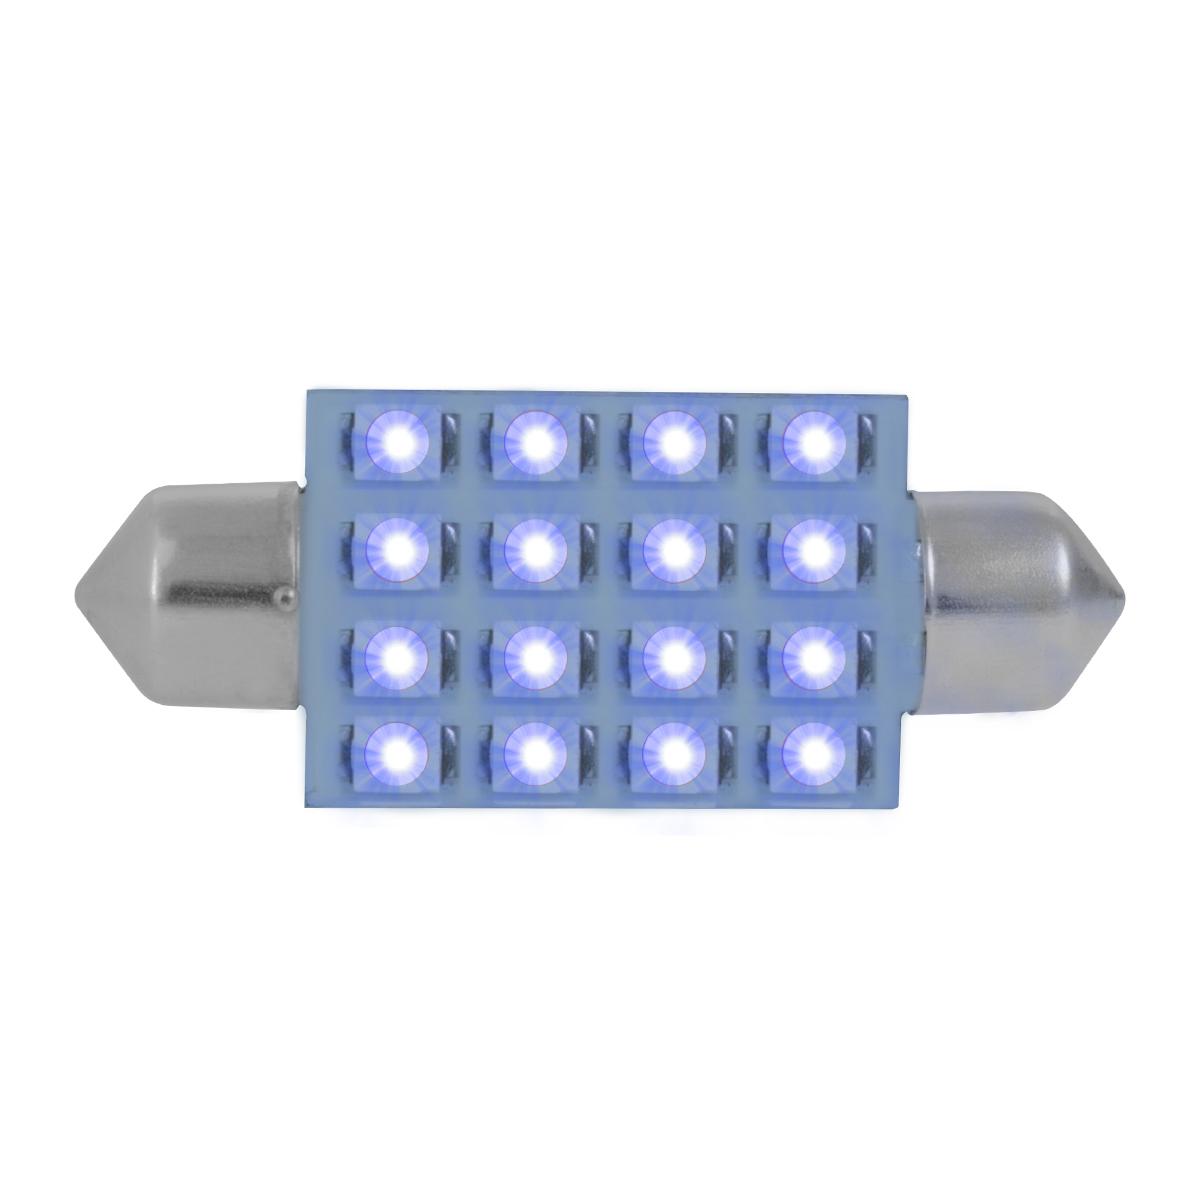 76101 Blue 211-2 Dome Type 16 LED Light Bulb